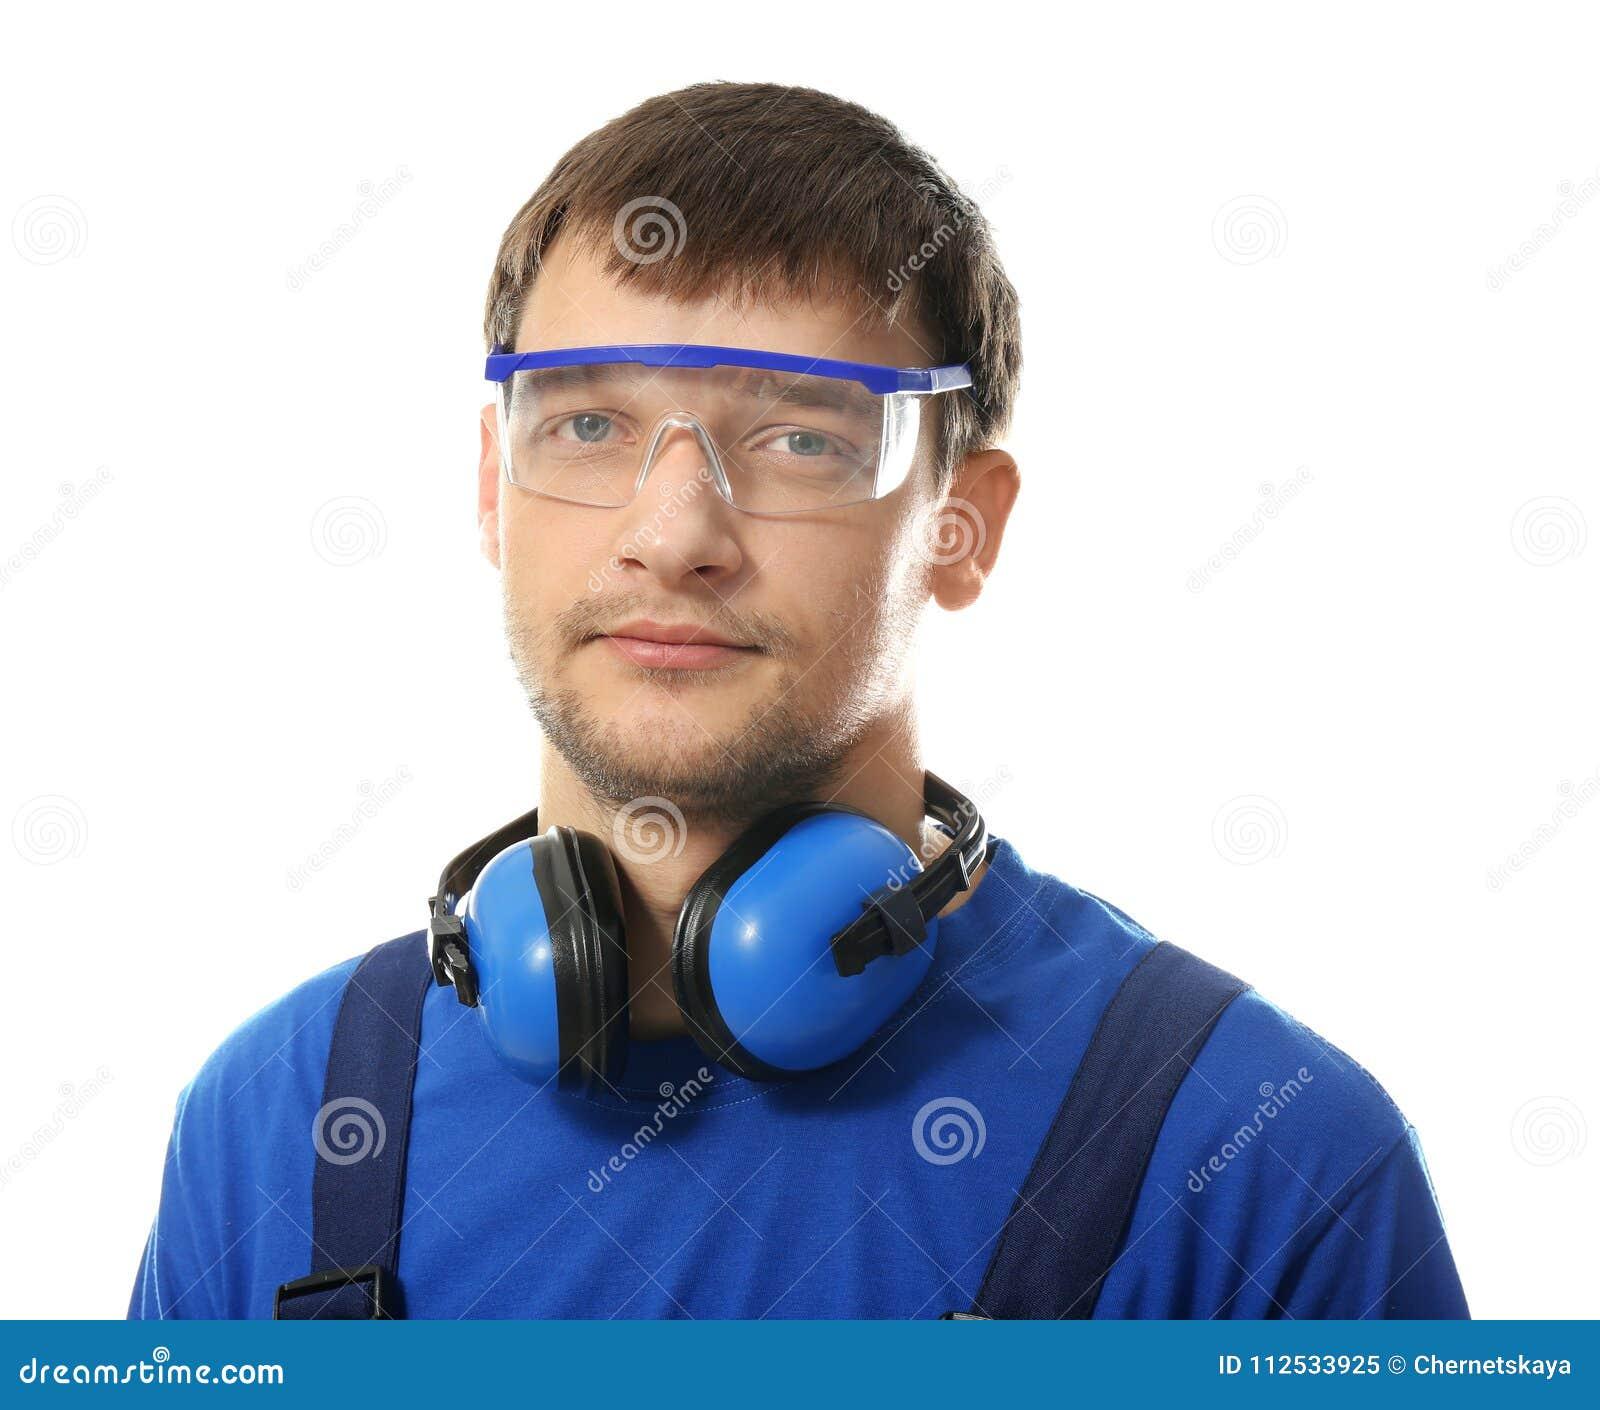 male worker wears headphones - HD1300×1162